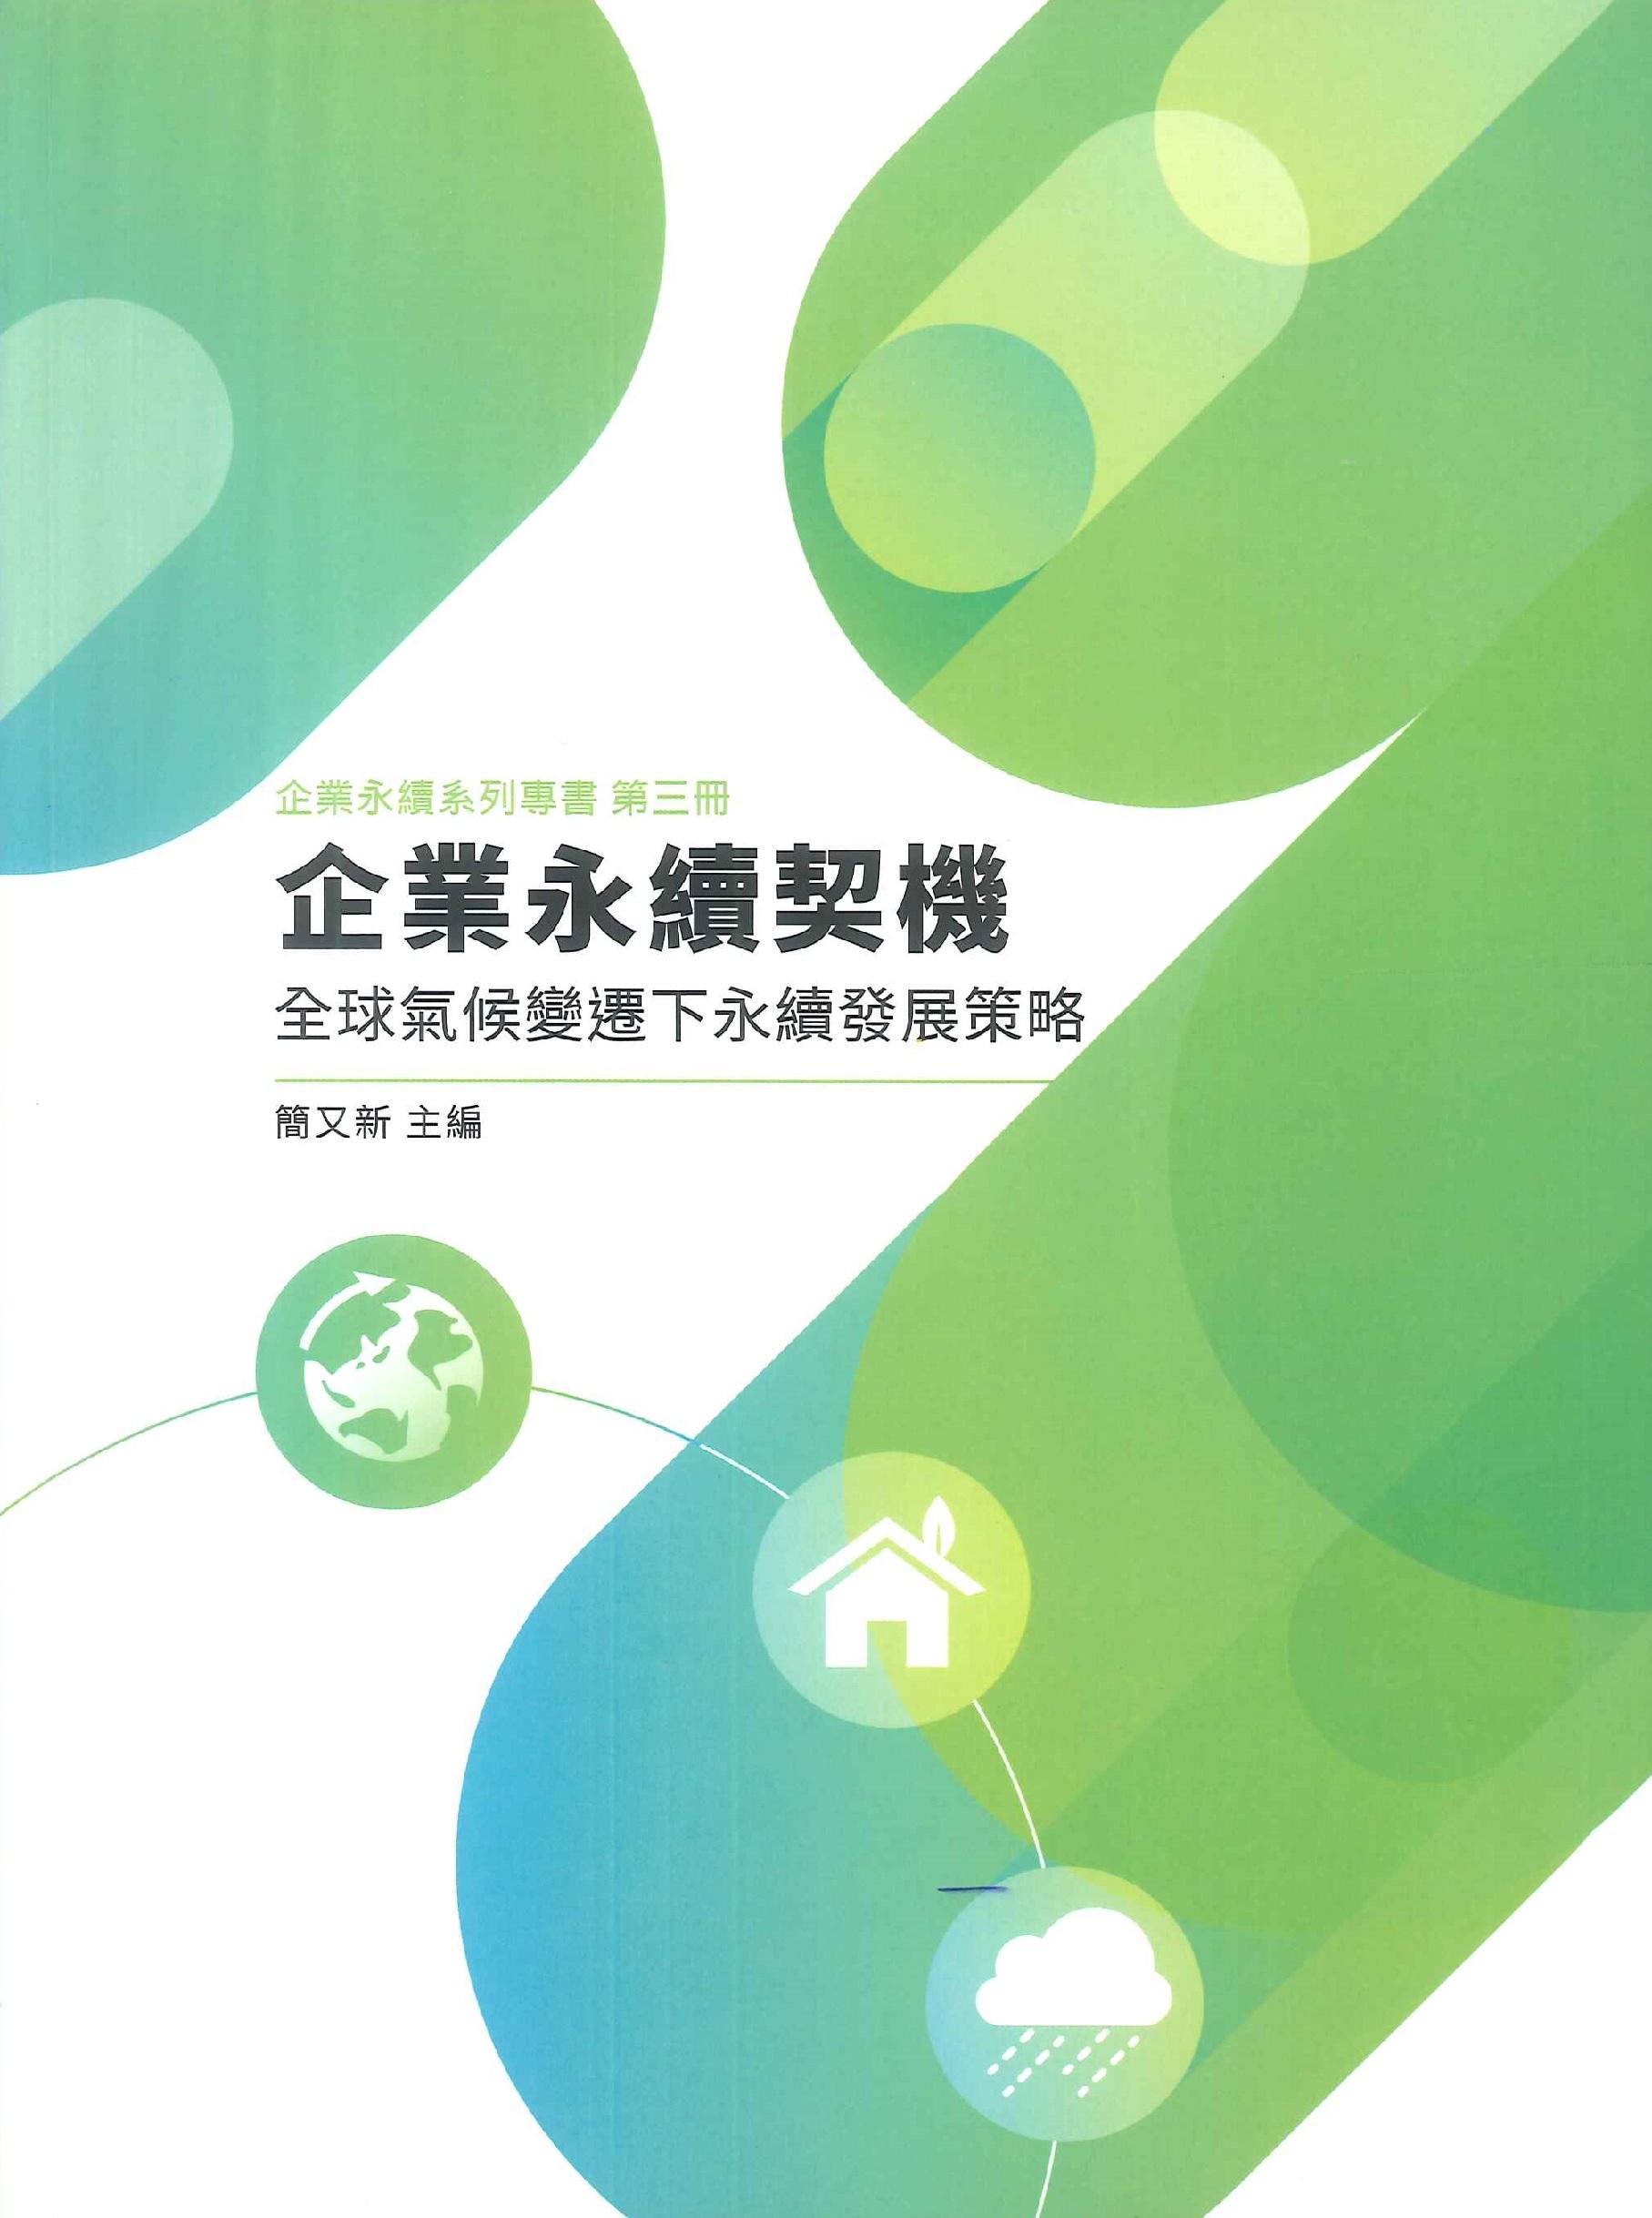 企業永續契機:全球氣候變遷下永續發展策略